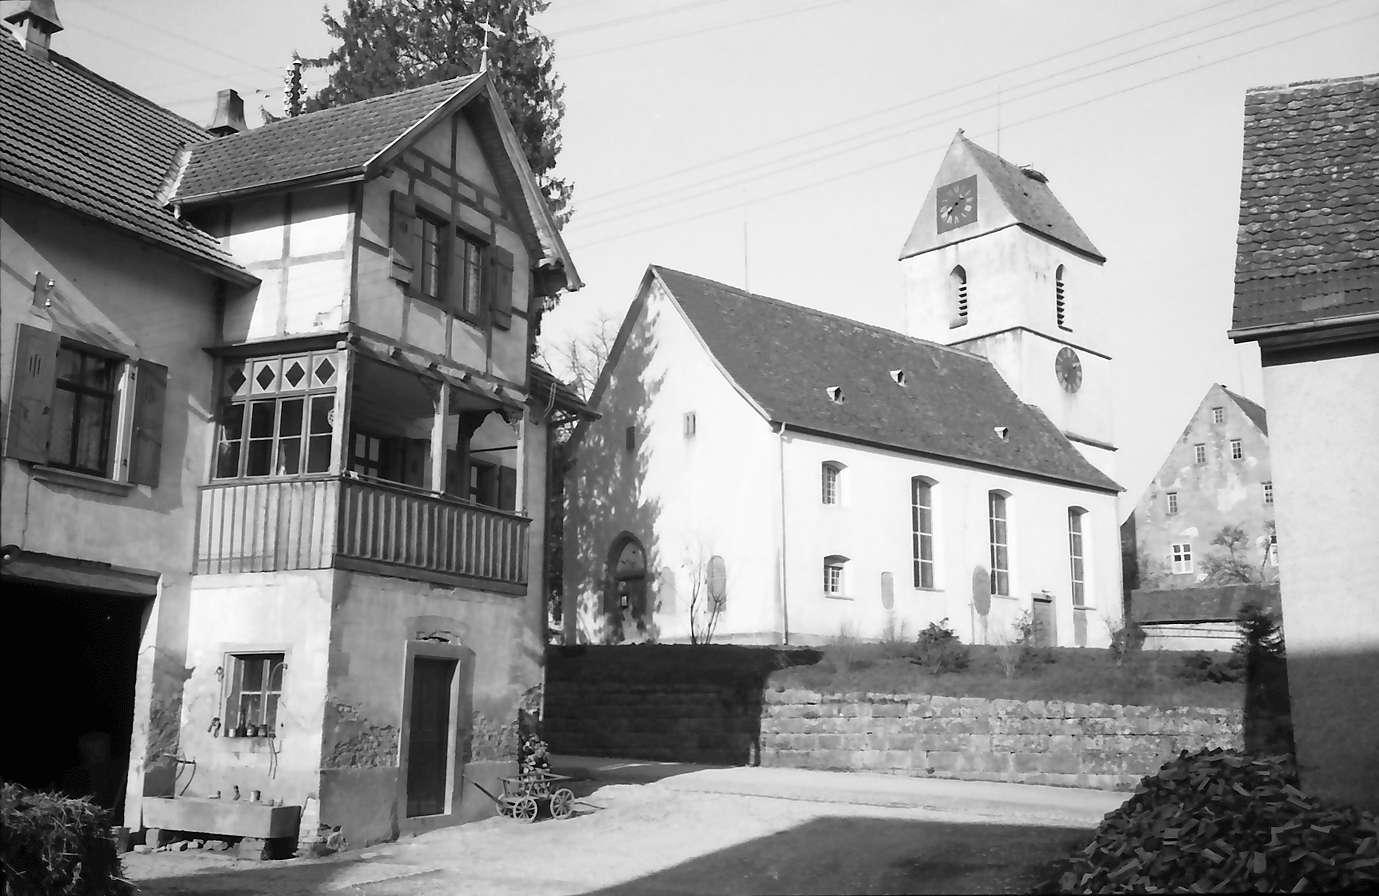 Tannenkirch: Kirche aus einem Hof gesehen, Bild 1